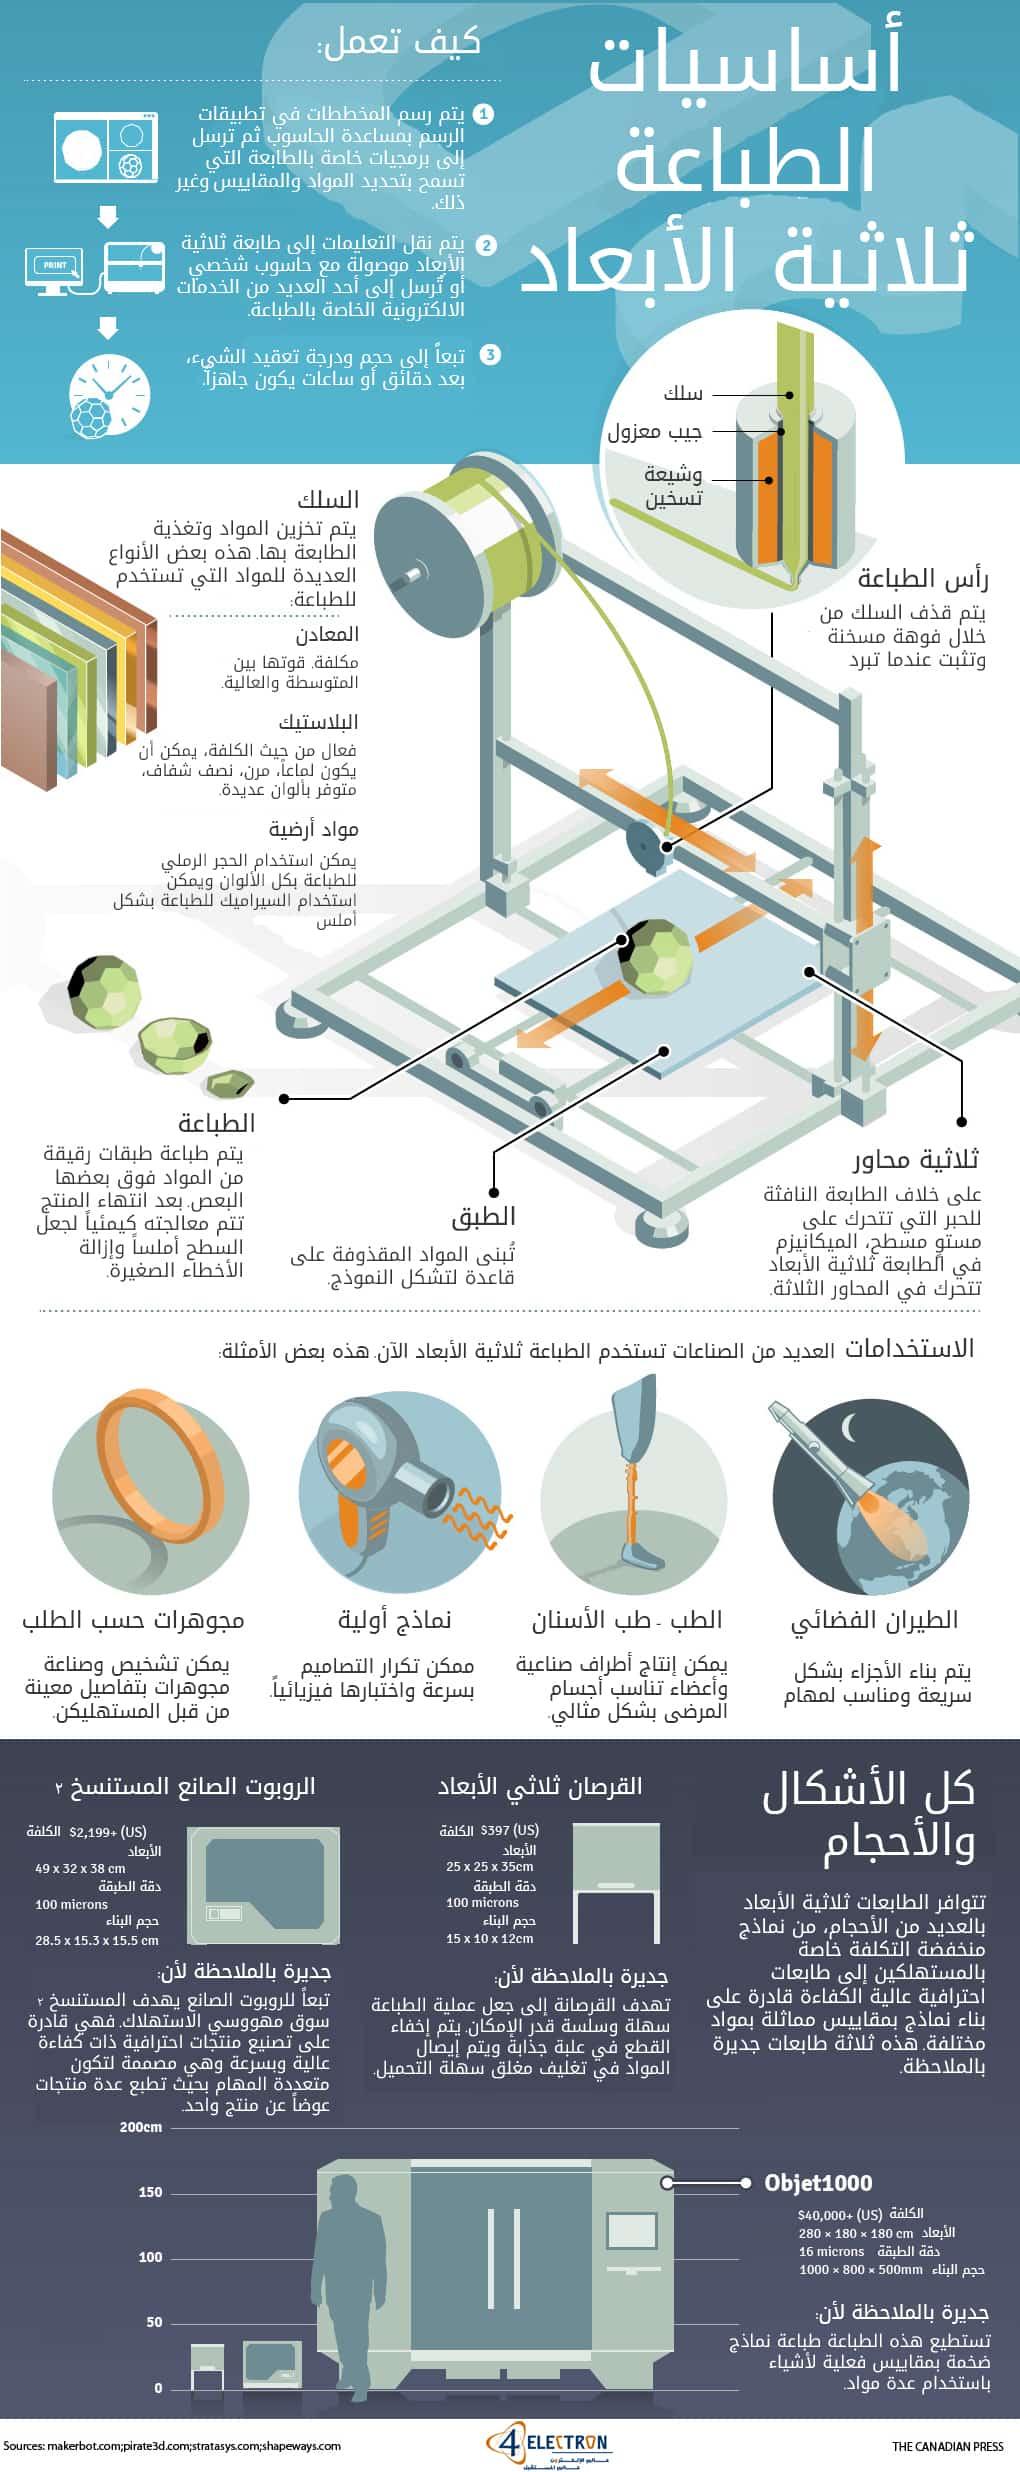 انفوجرافيك عن الطباعة ثلاثية الابعاد